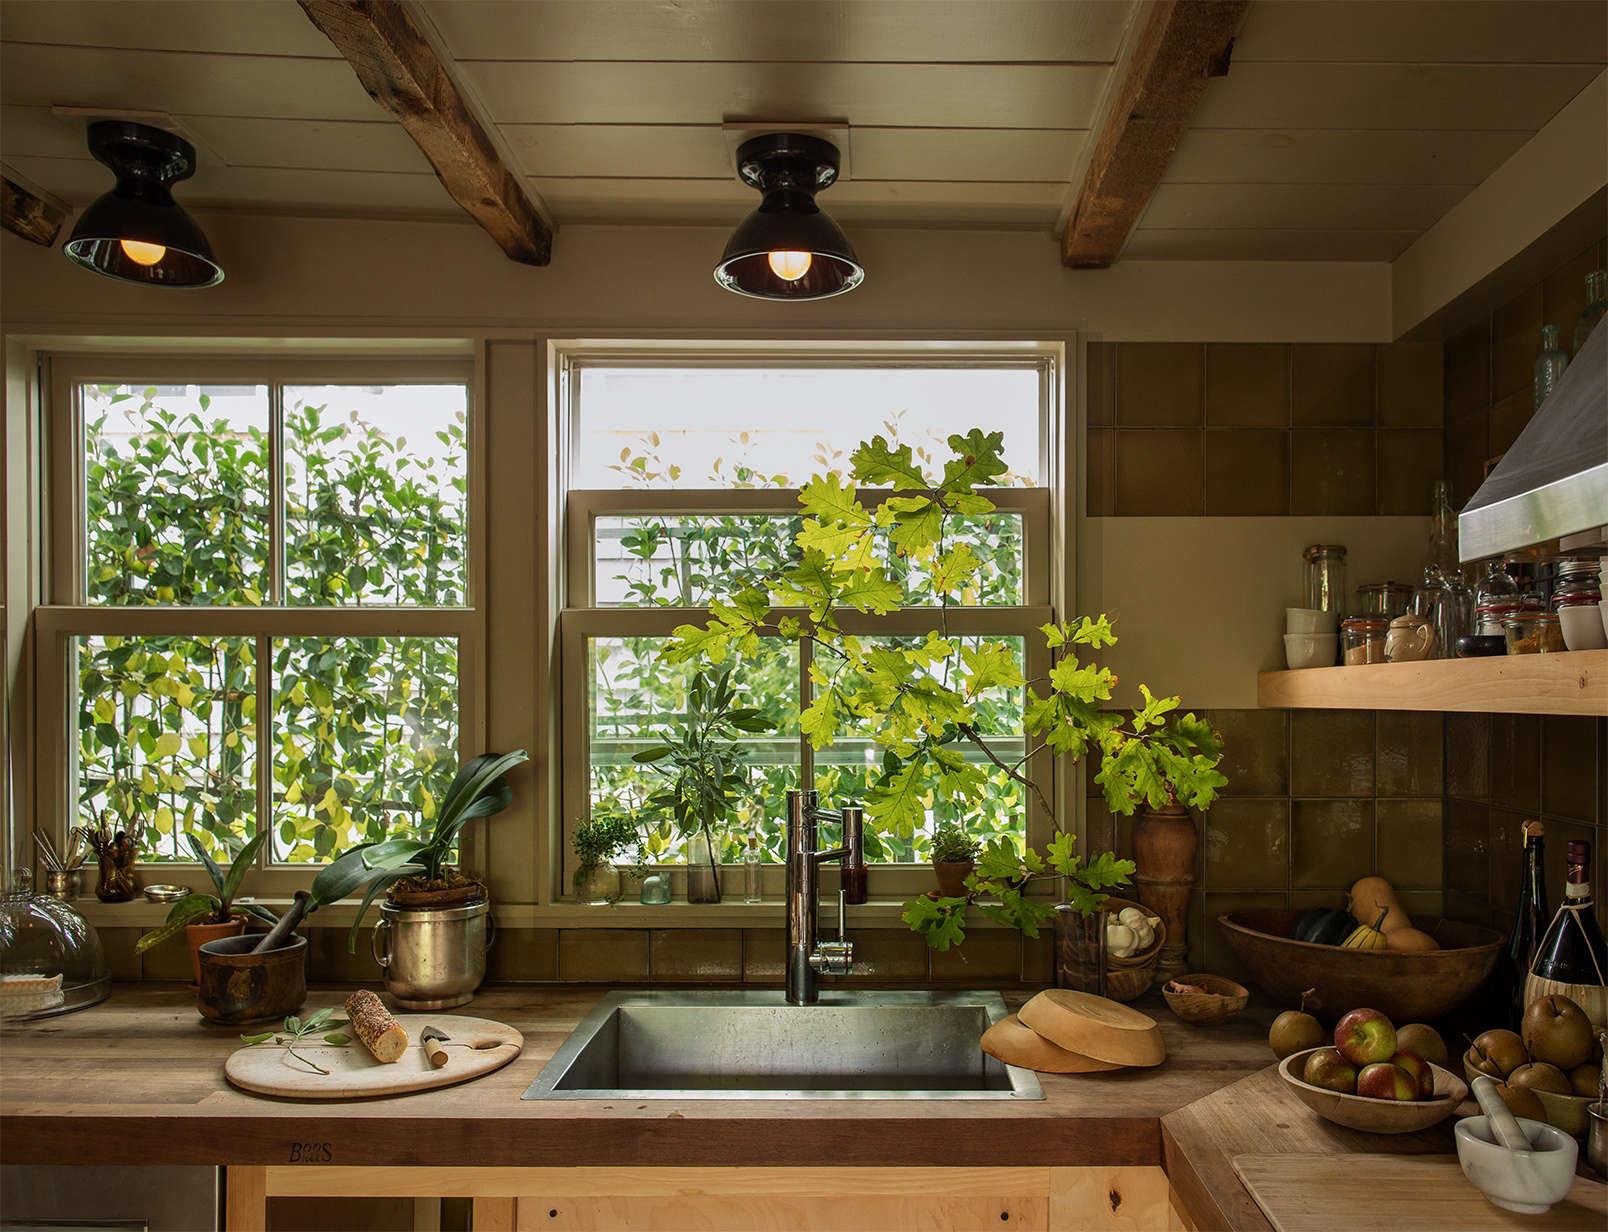 nigella lawson kitchen design.  Alice Waters Kitchen Design on michael symon kitchen escoffier rachael ray Michael Symon Escoffier